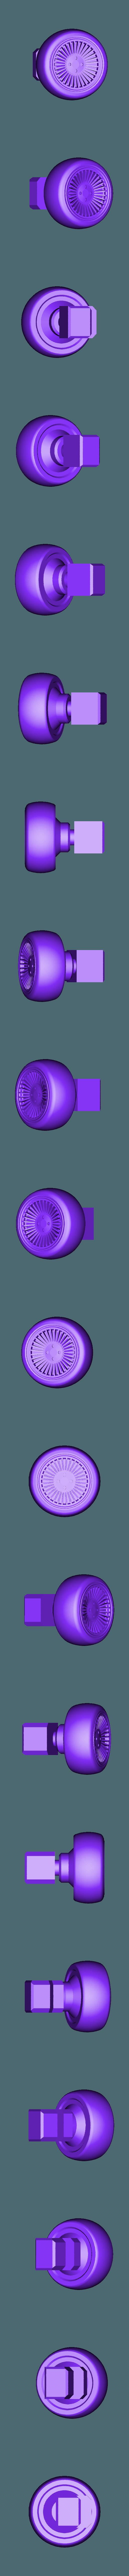 Delorean  front wheel.stl Download STL file Time Machine DeLorean DMC-12 from Back to the future • 3D printing model, Alessandro_Palma